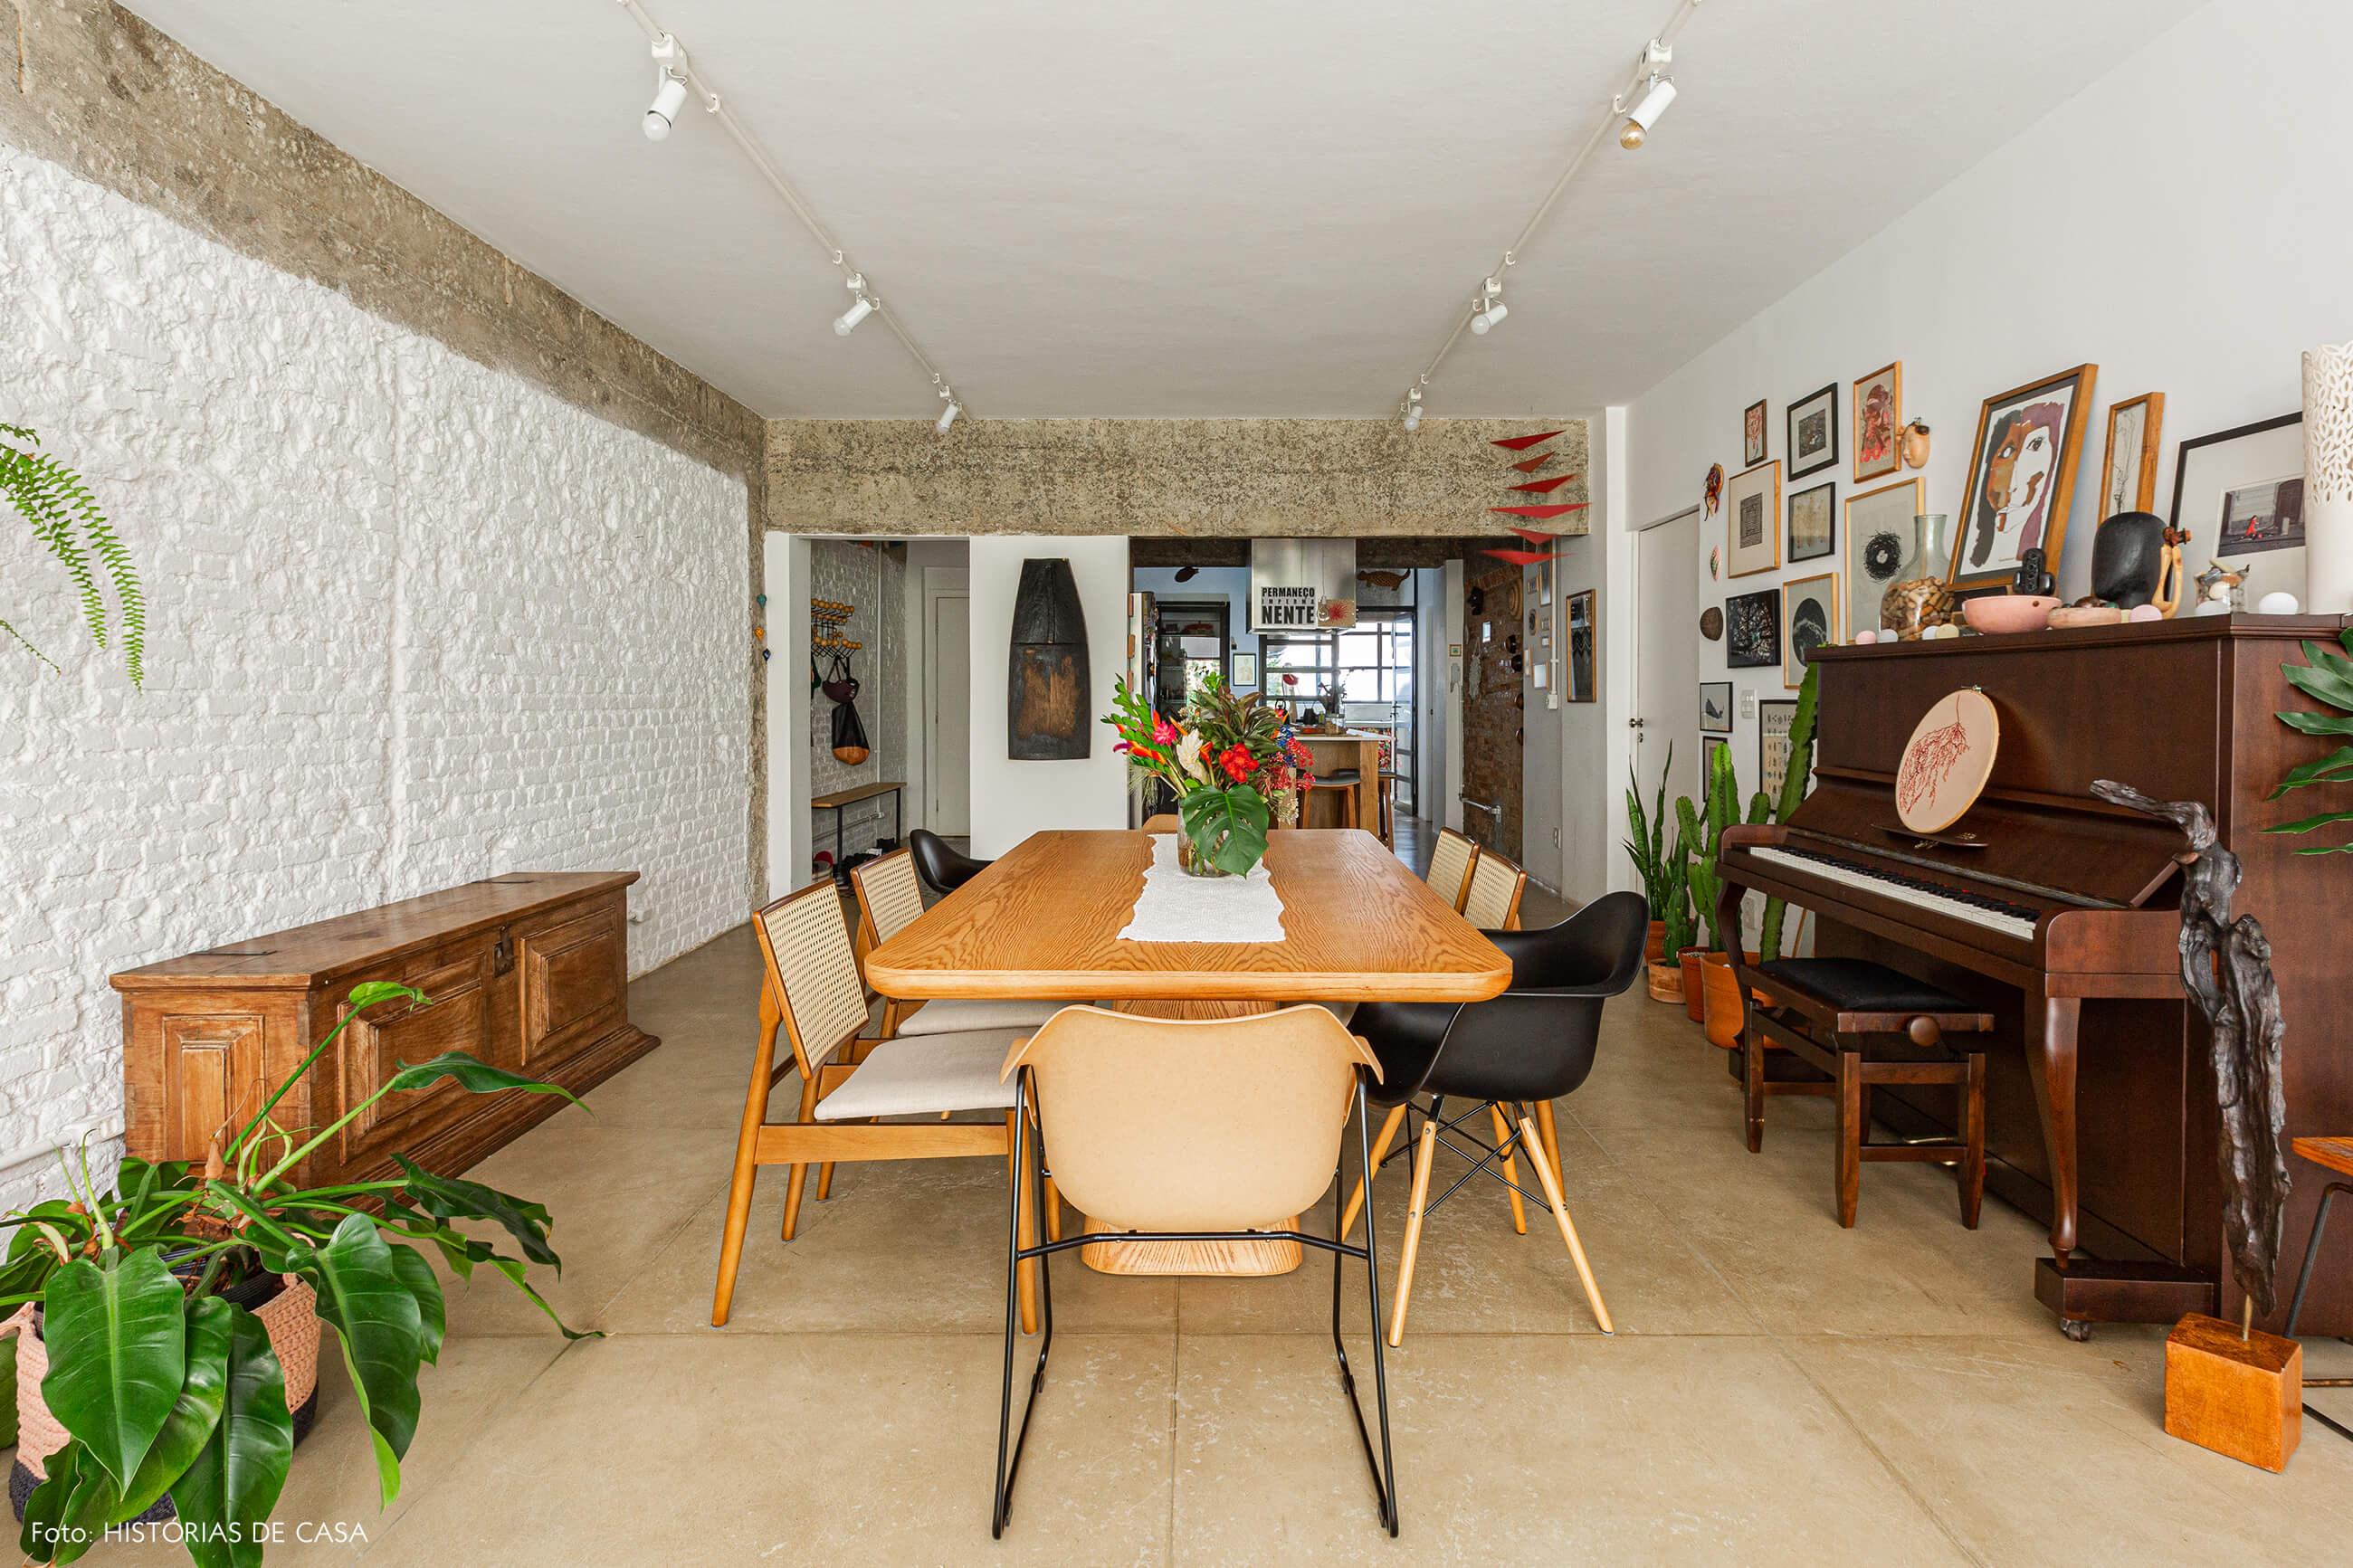 Apartamento térreo, sala de jantar integrada com paredes de tijolinho branco